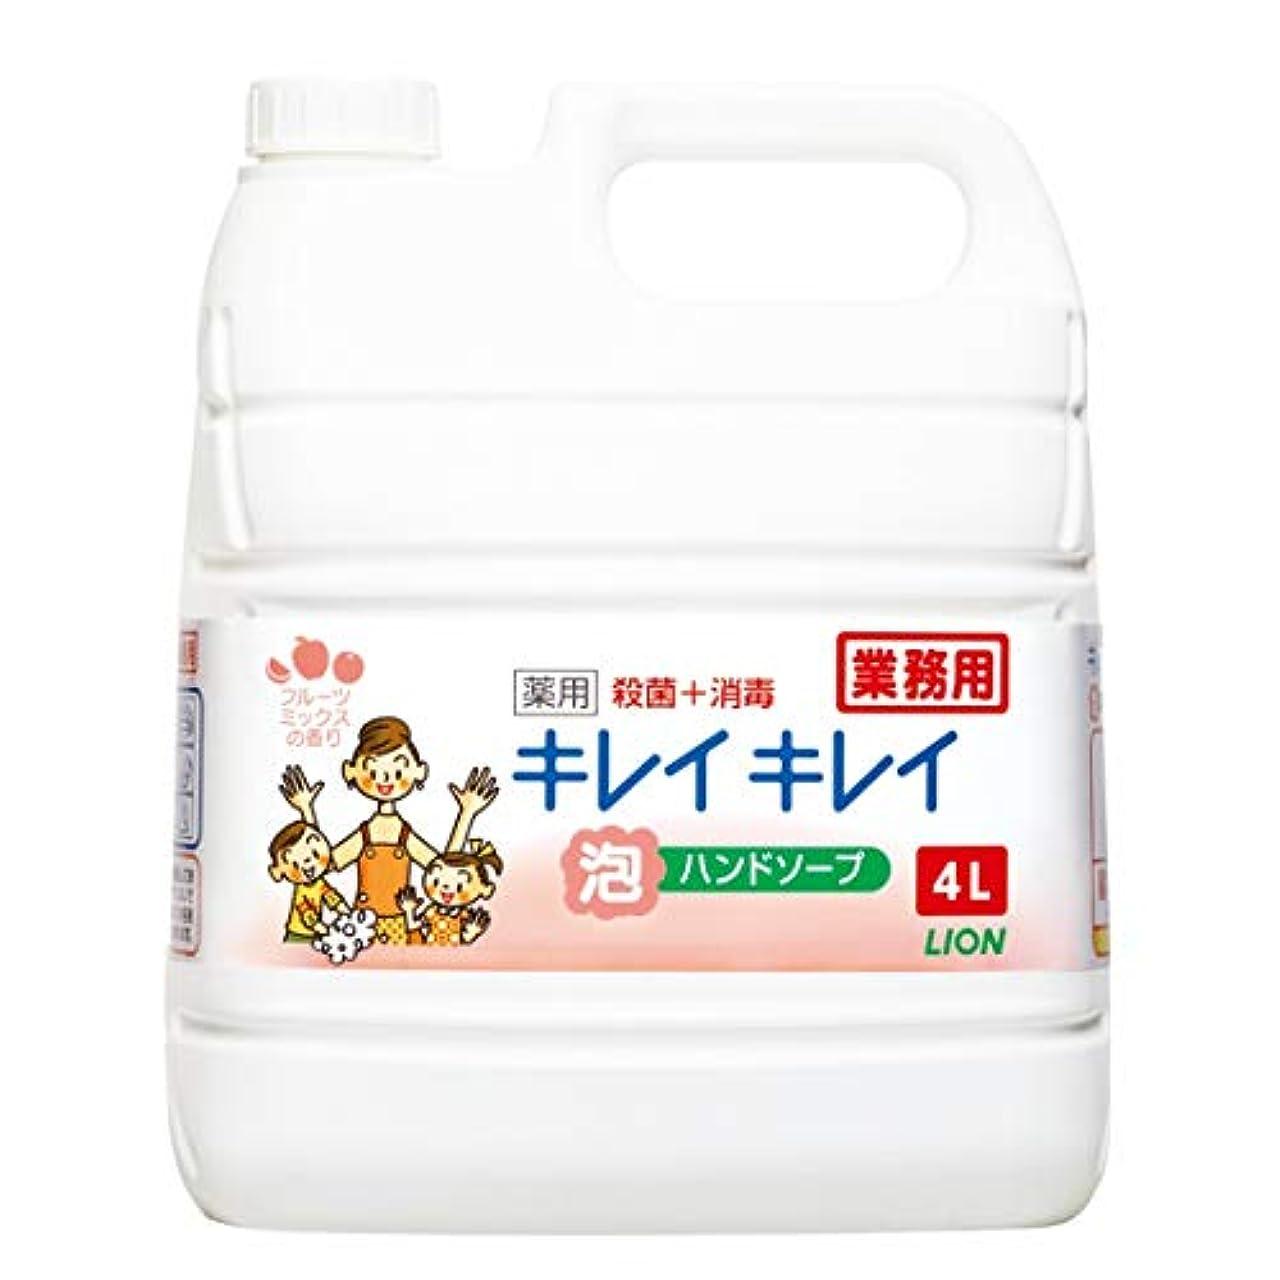 不愉快に半径ヘルメット【業務用 大容量】キレイキレイ 薬用 泡ハンドソープフルーツミックスの香り 4L(医薬部外品)